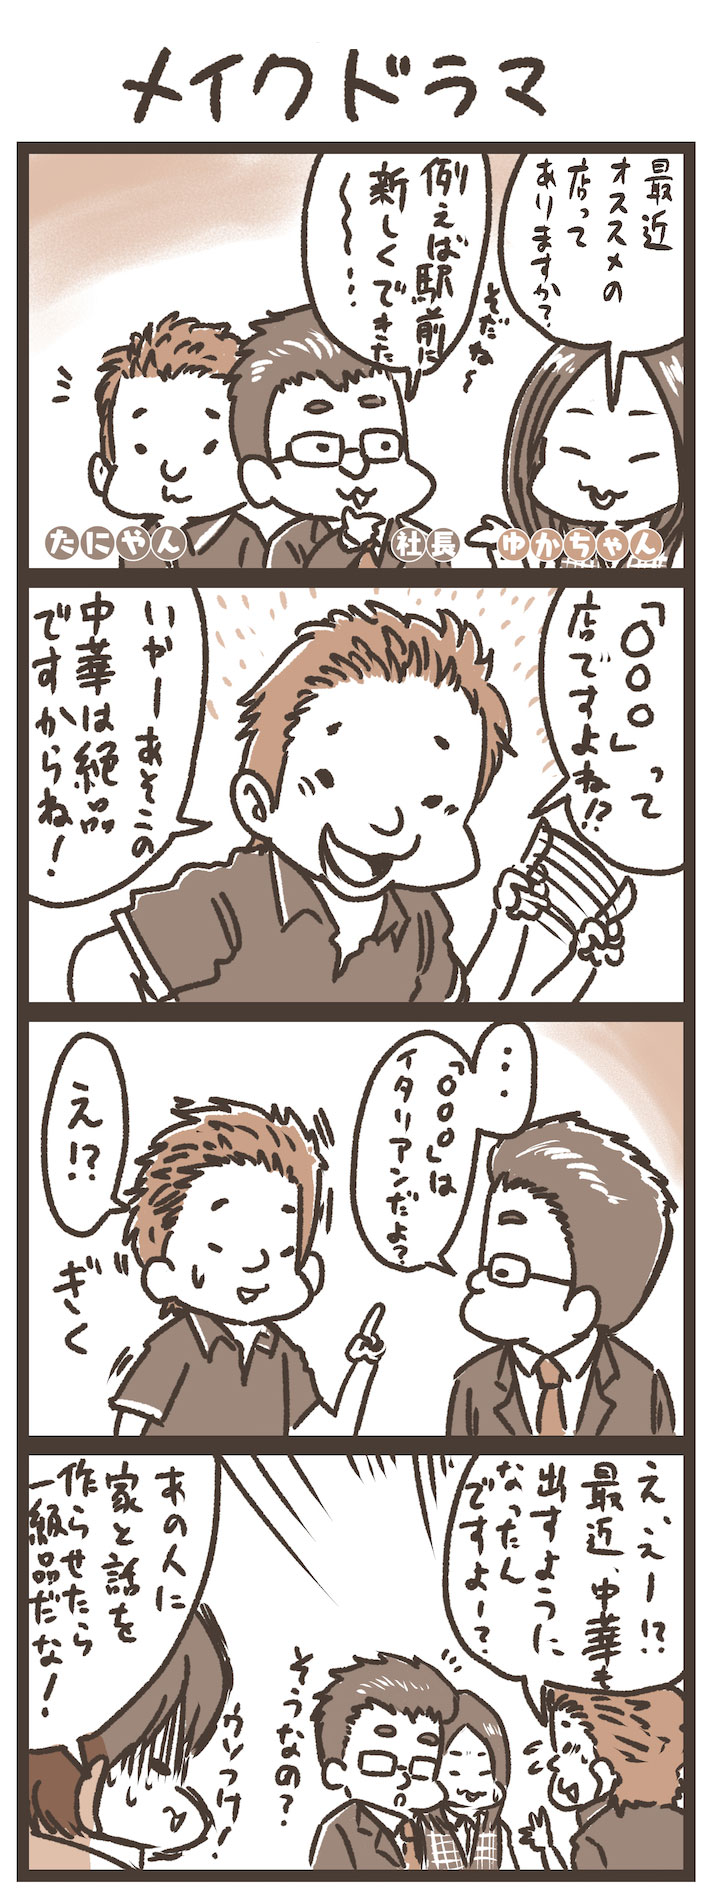 メイクドラマ